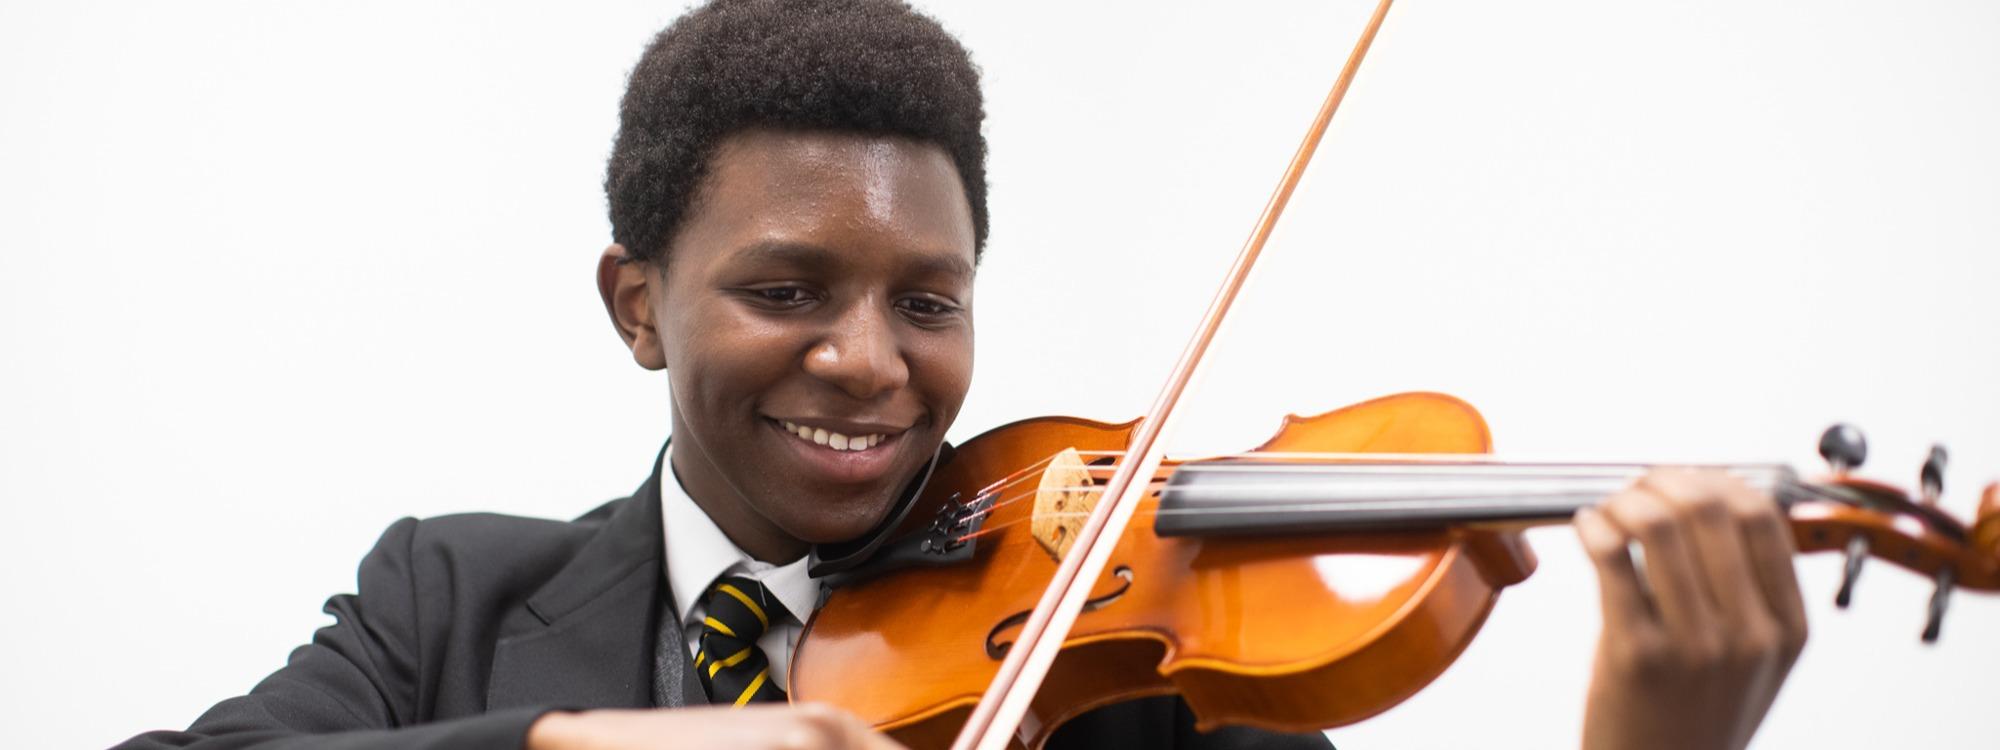 Pupil playing violin